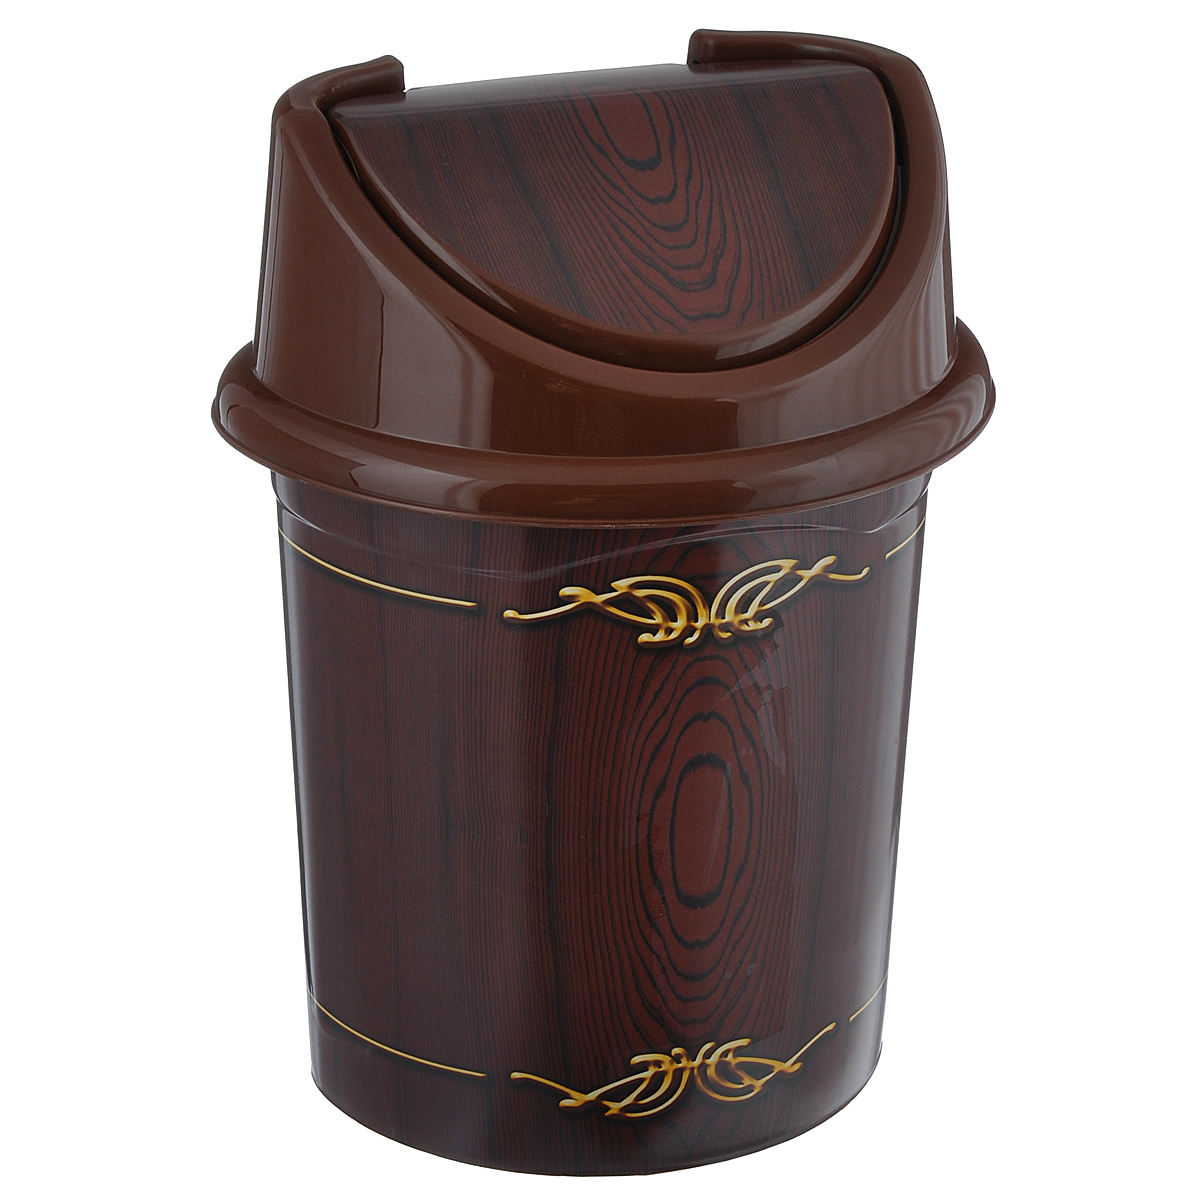 Контейнер для мусора Violet Дерево, цвет: коричневый, желтый, 14 л810400Контейнер для мусора Violet Дерево изготовлен из прочного пластика.Такой аксессуар очень удобен в использовании как дома, так и в офисе.Контейнер снабжен удобной съемной крышкой с подвижной перегородкой.Стильный дизайн сделает его прекрасным украшением интерьера.Размер изделия: 29 см х 31,5 см х 45 см.